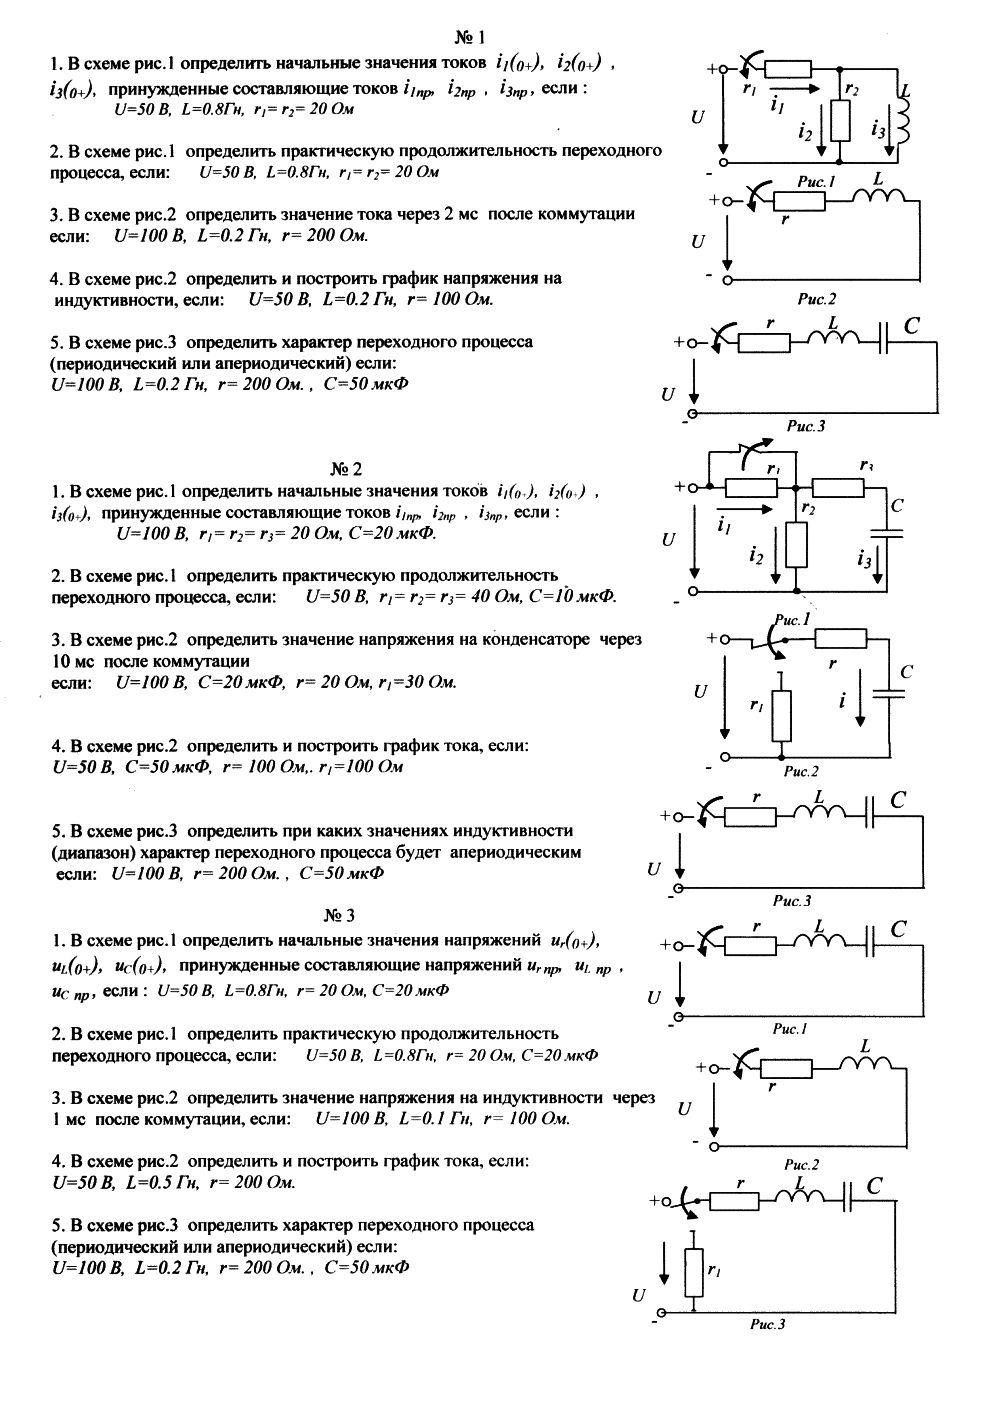 В частности, в московском энергетическом институте (мэи), уральском политехническом институте (упи)